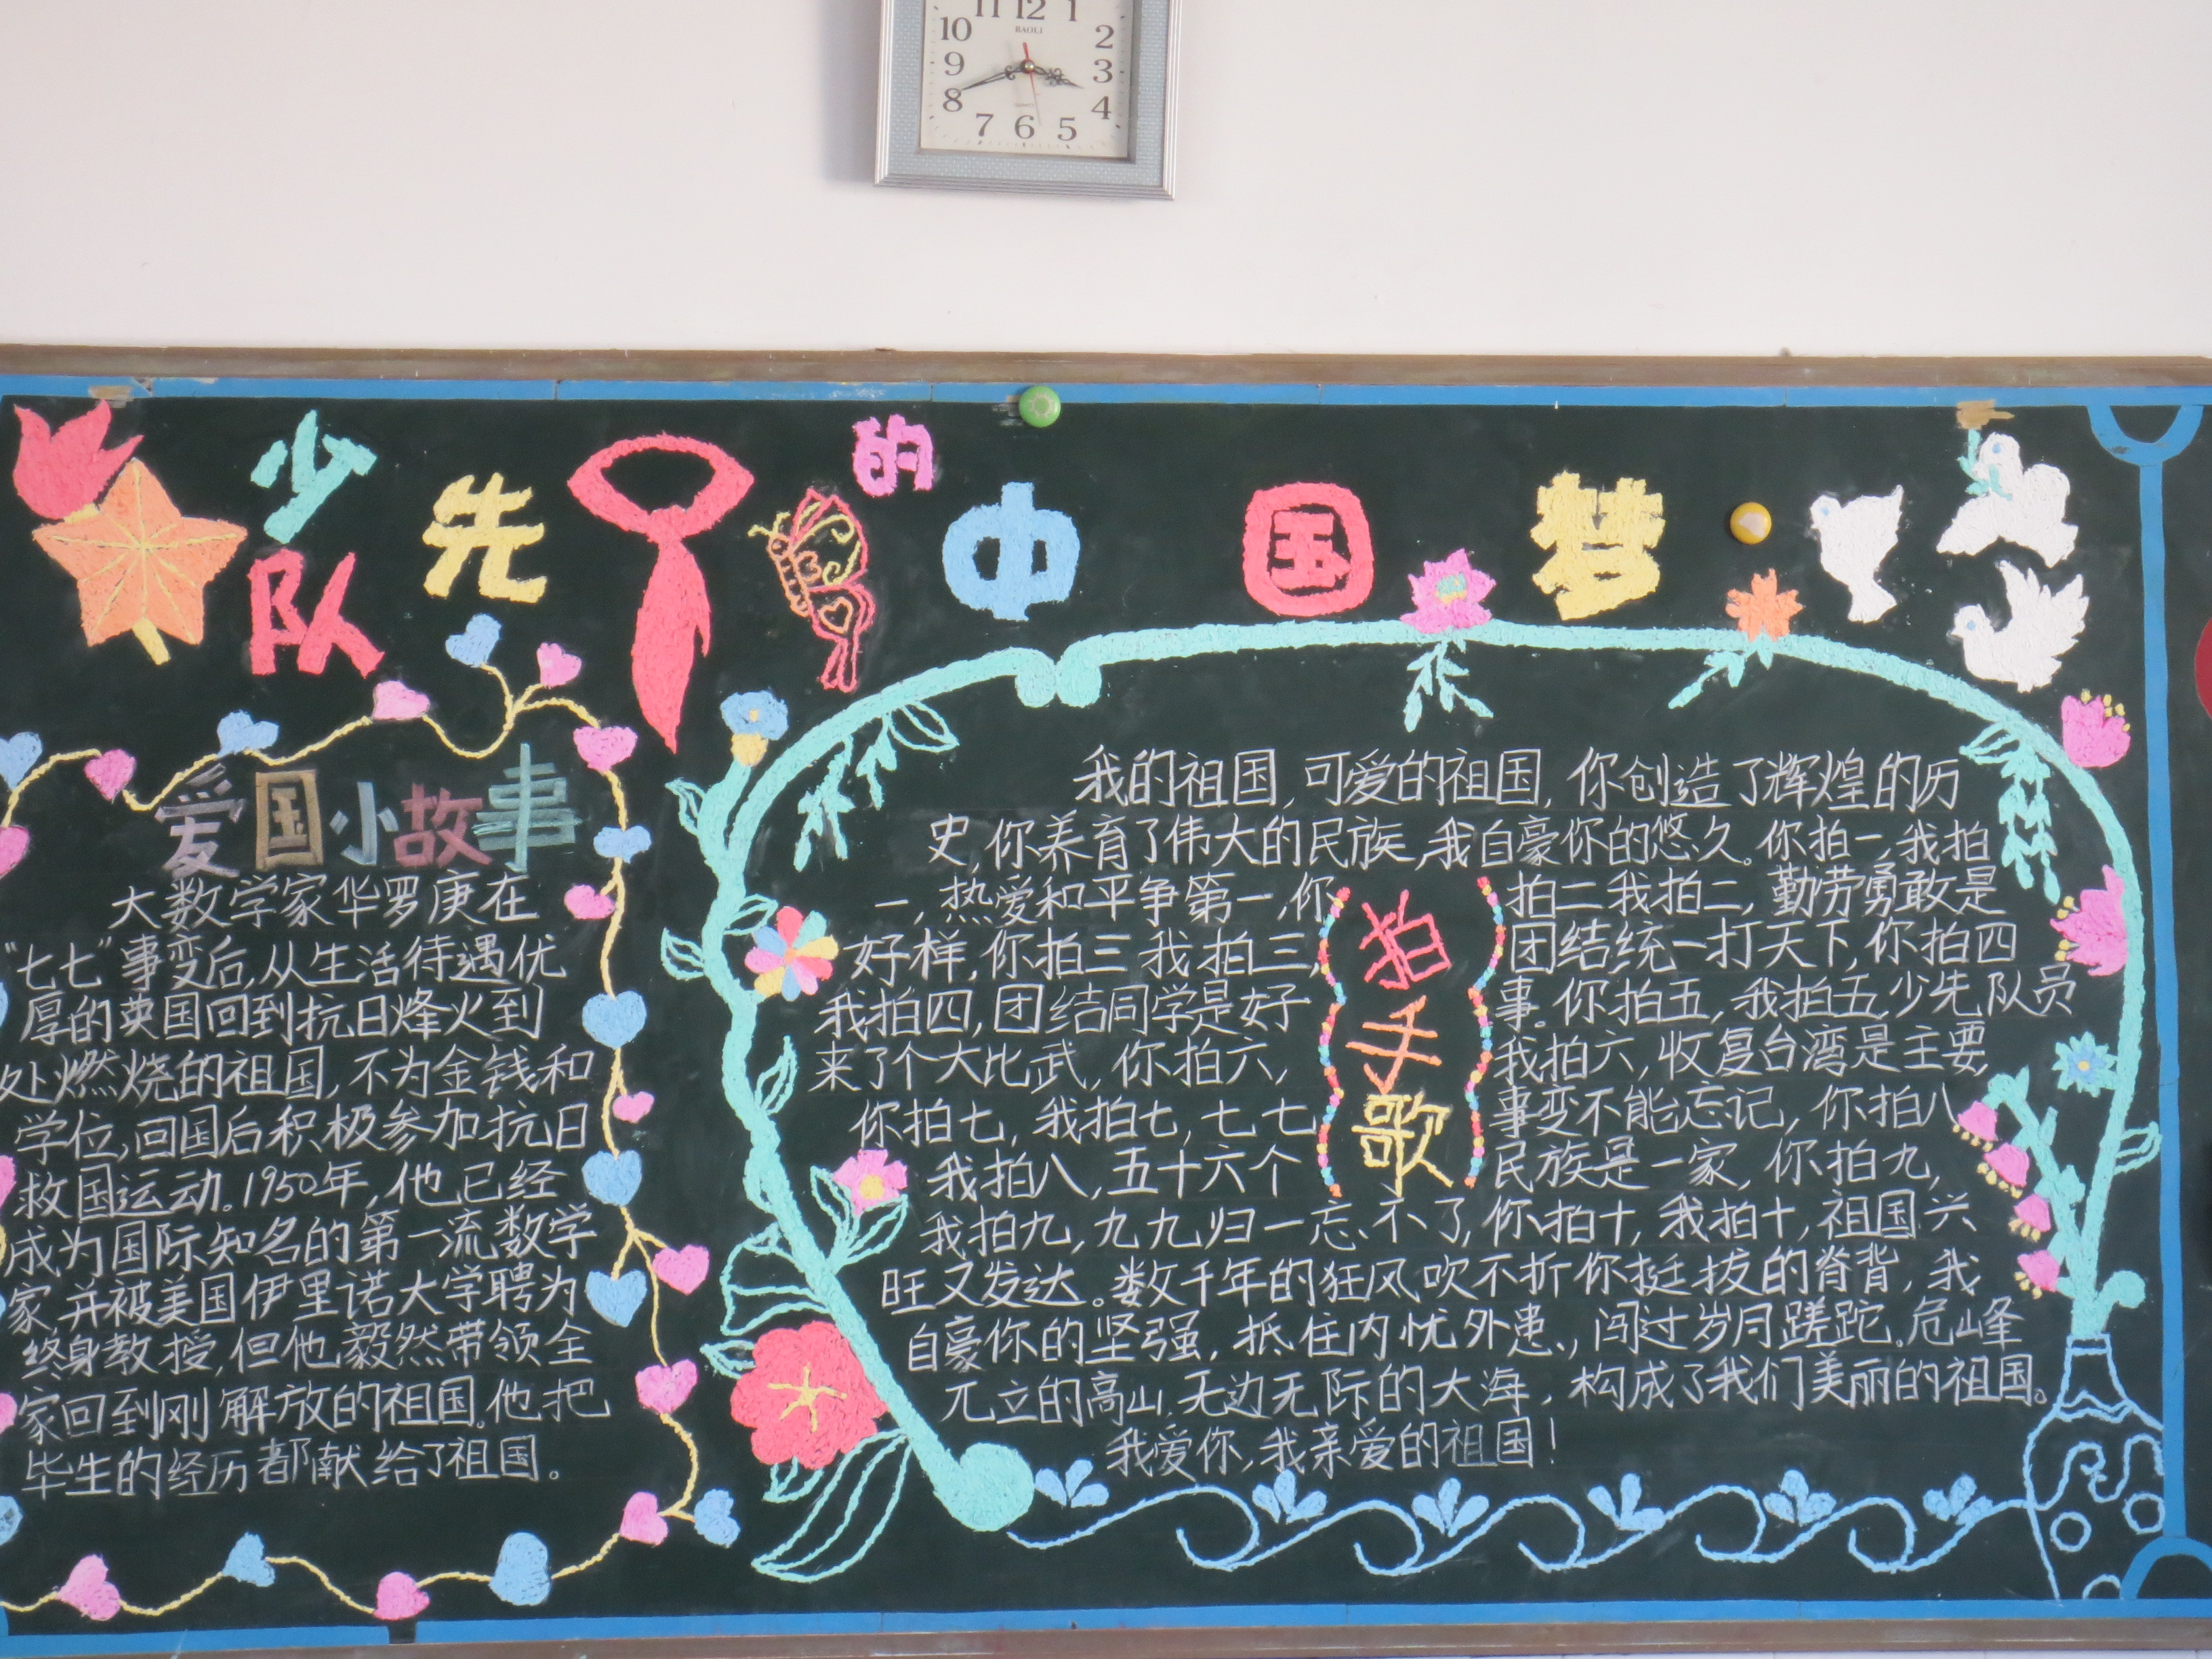 中国梦主题黑板报图片